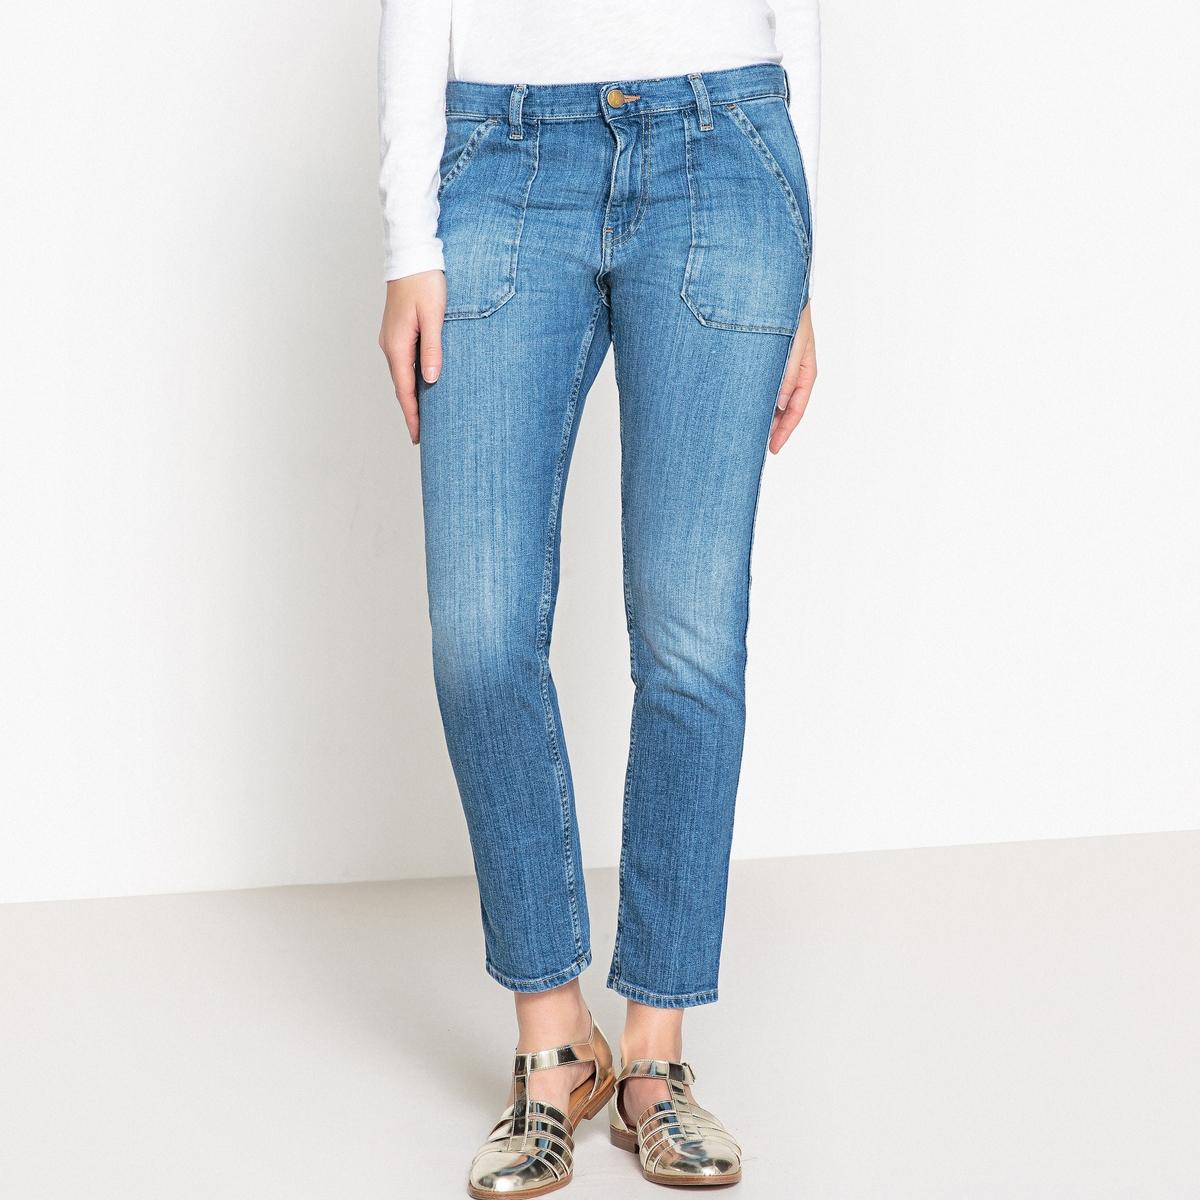 Джинсы-скинни из денима стретч SALLY джинсы скинни 73 см